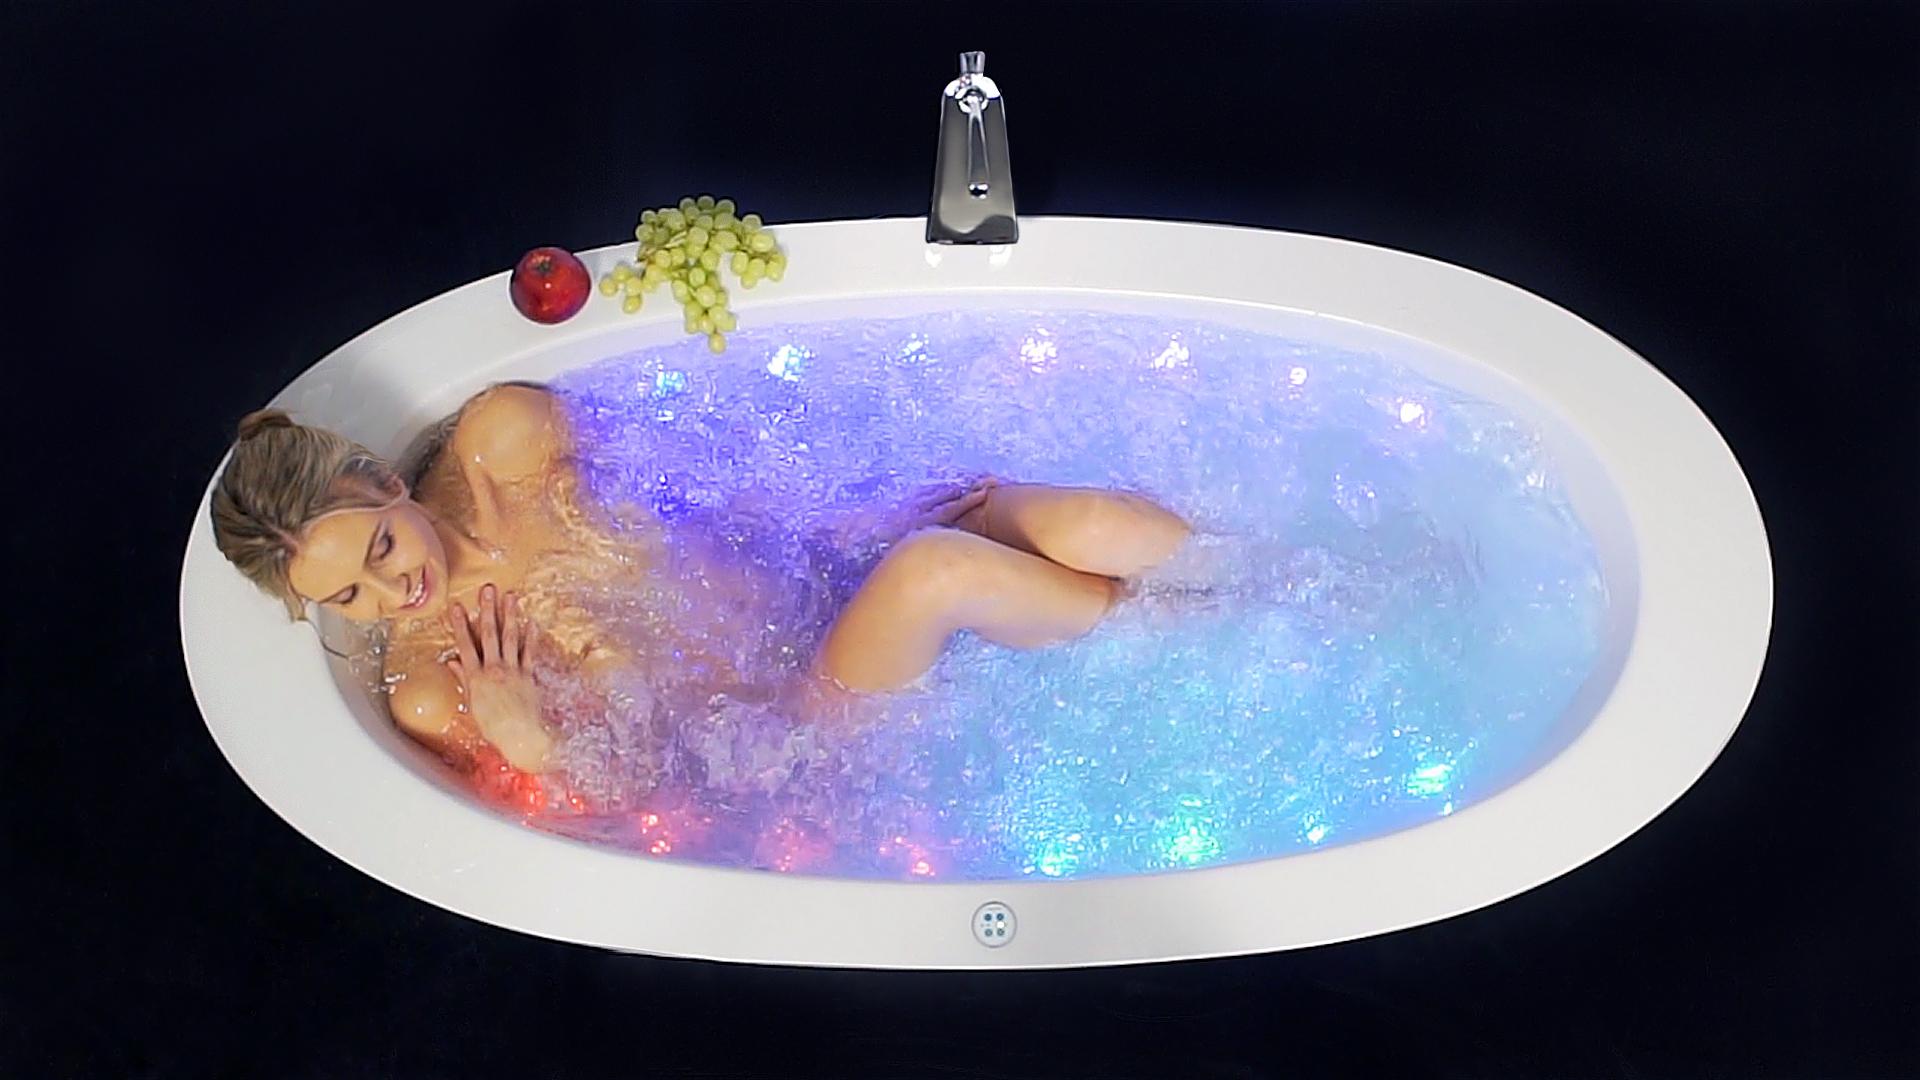 Purescape 174B Wht Relax Air Massage Bathtub DSC2804 Still 02 big